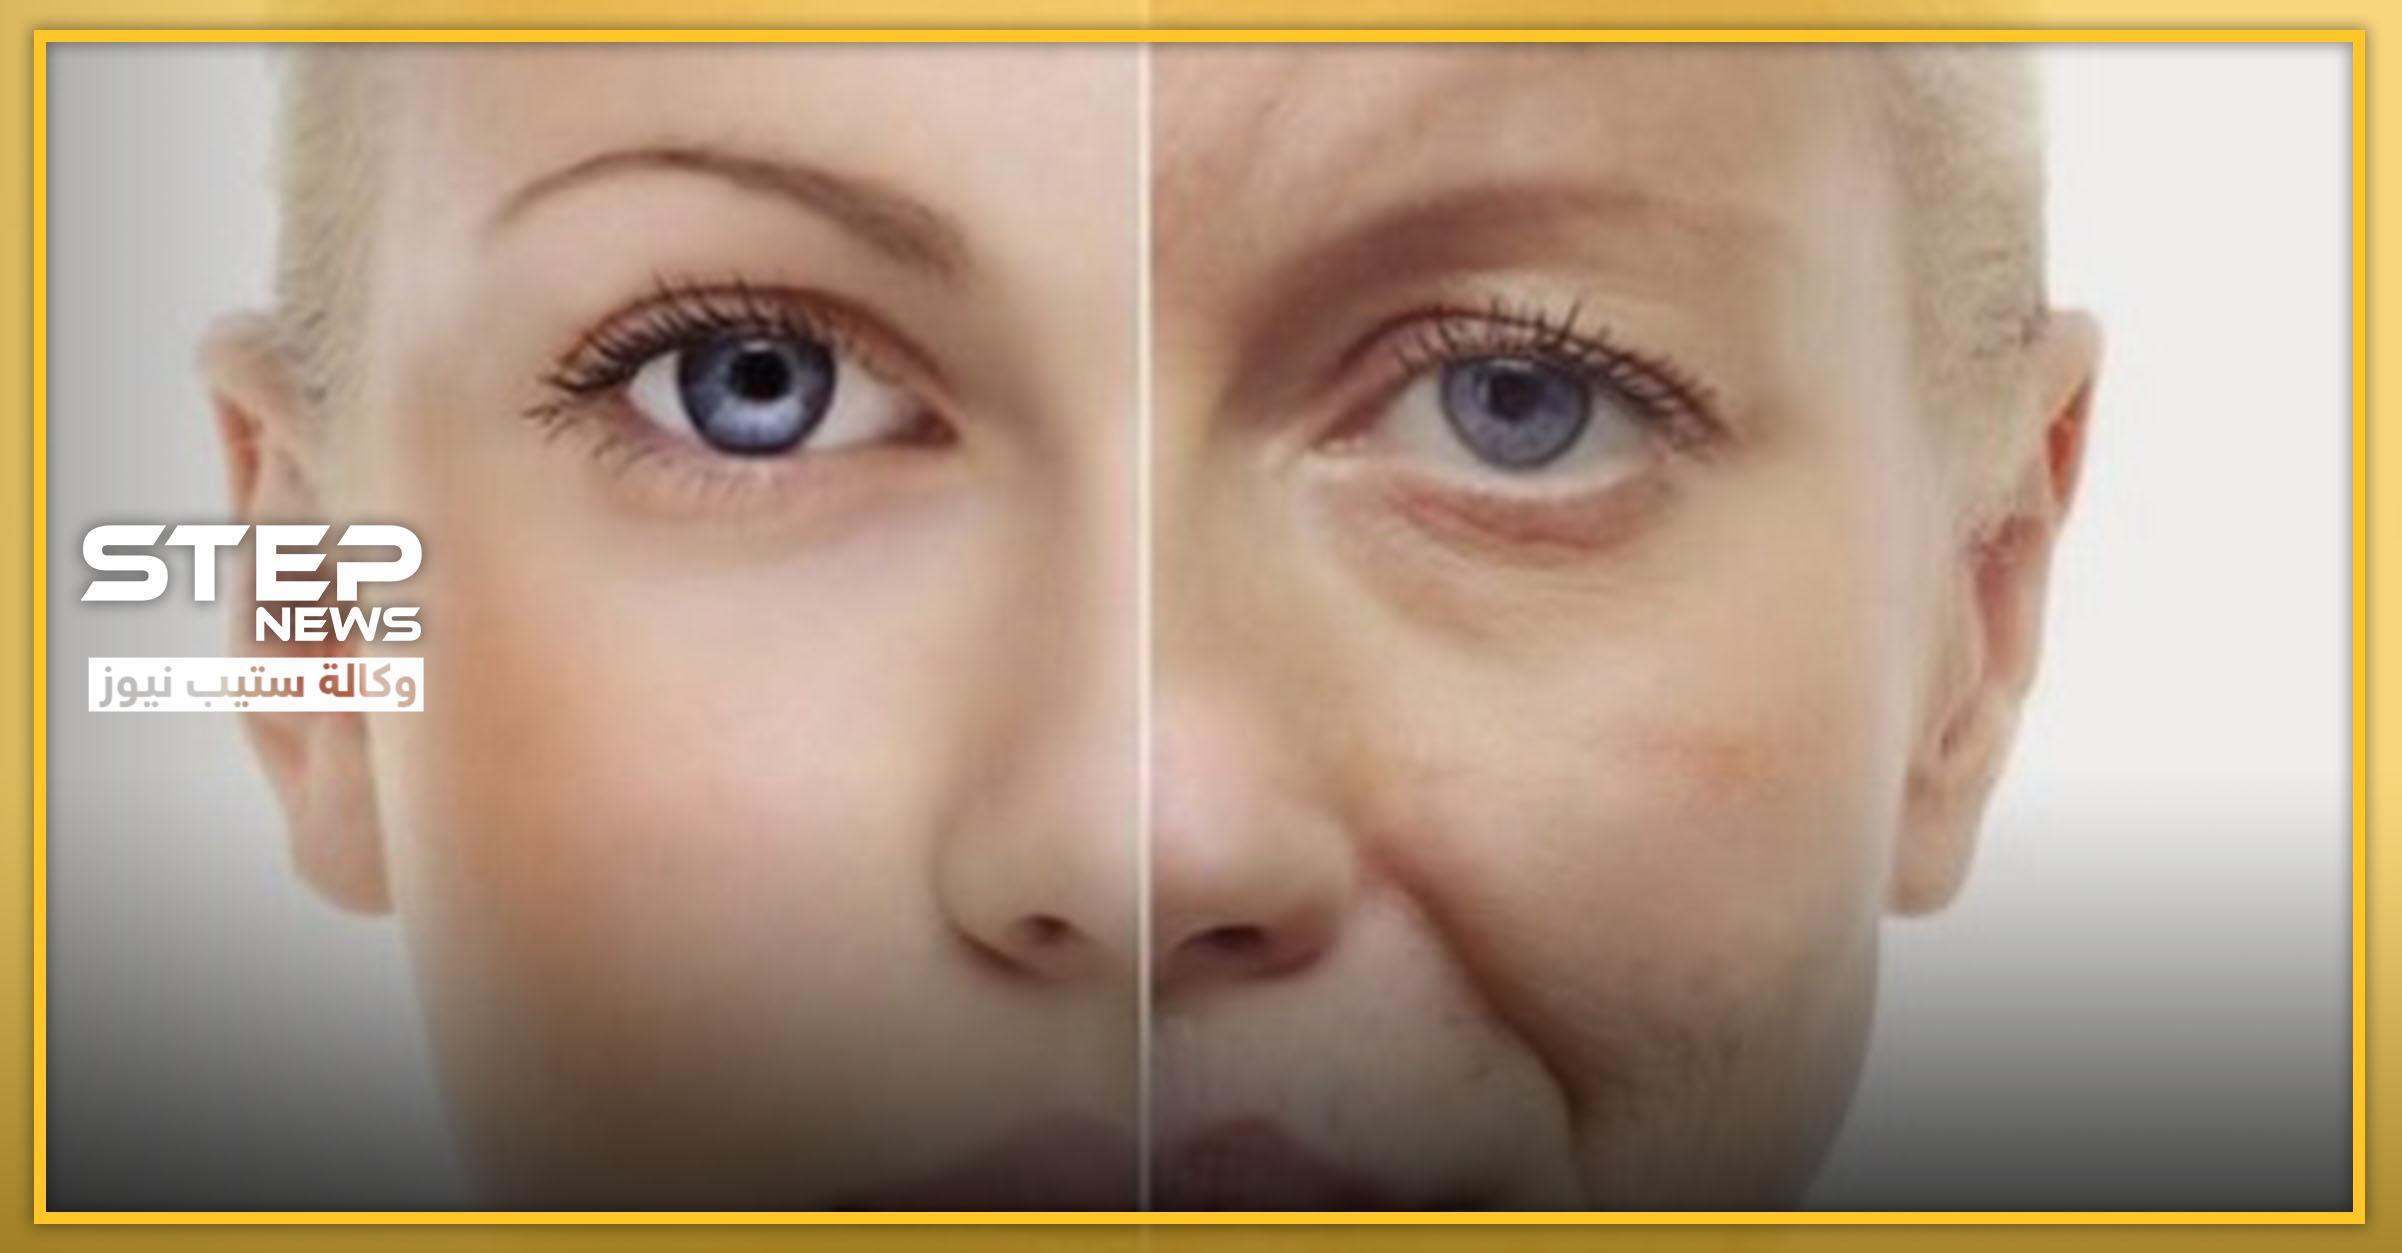 السر وراء الشيخوخة المبكرة